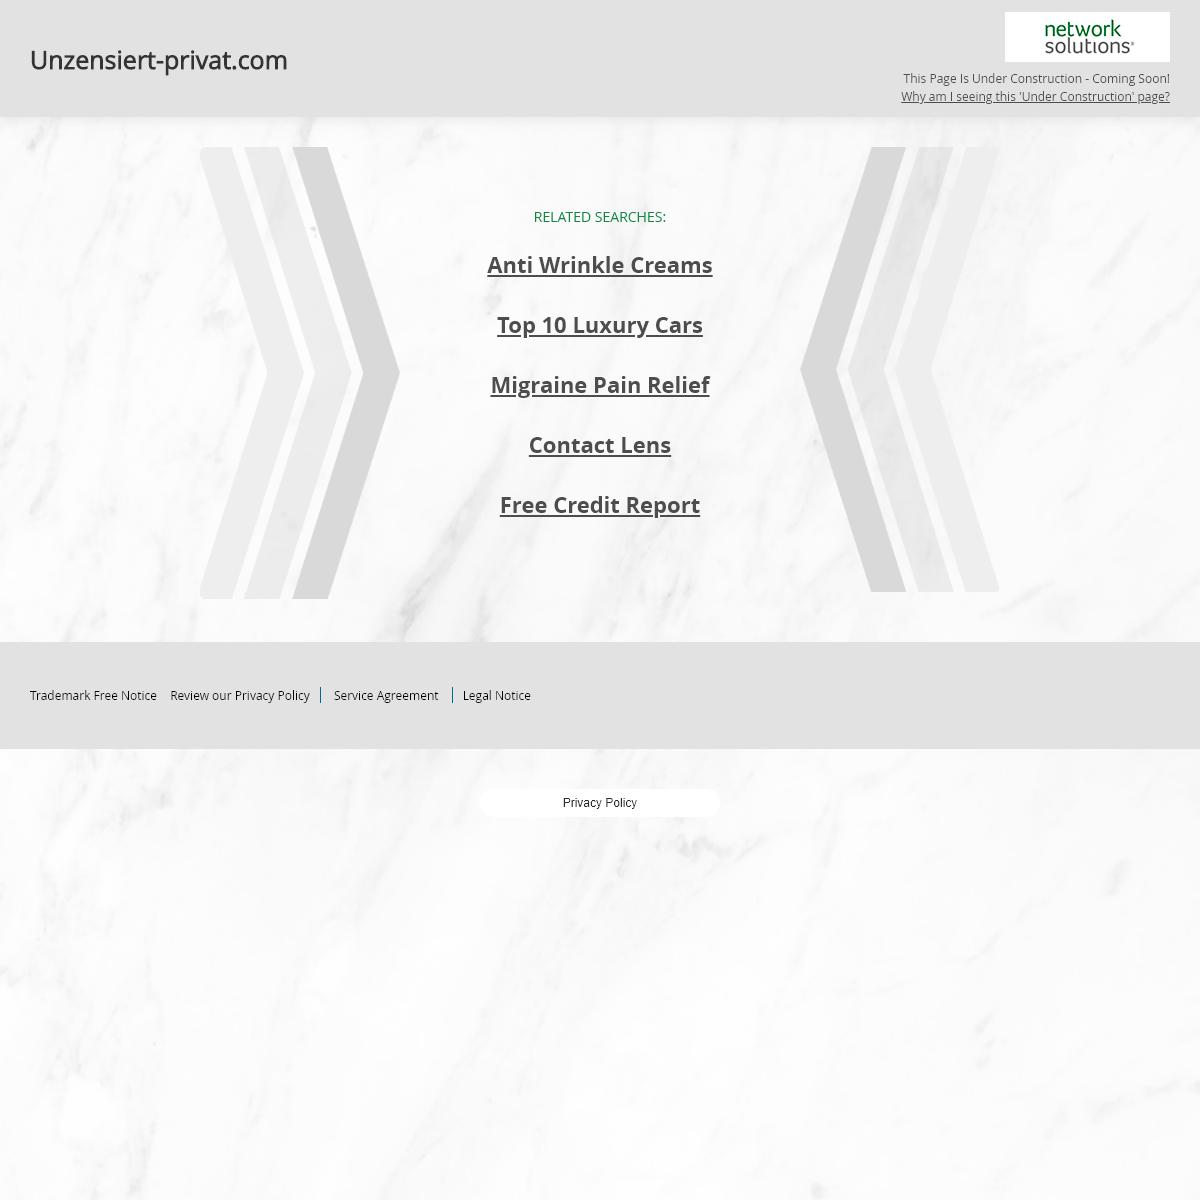 Unzensiert-privat.com